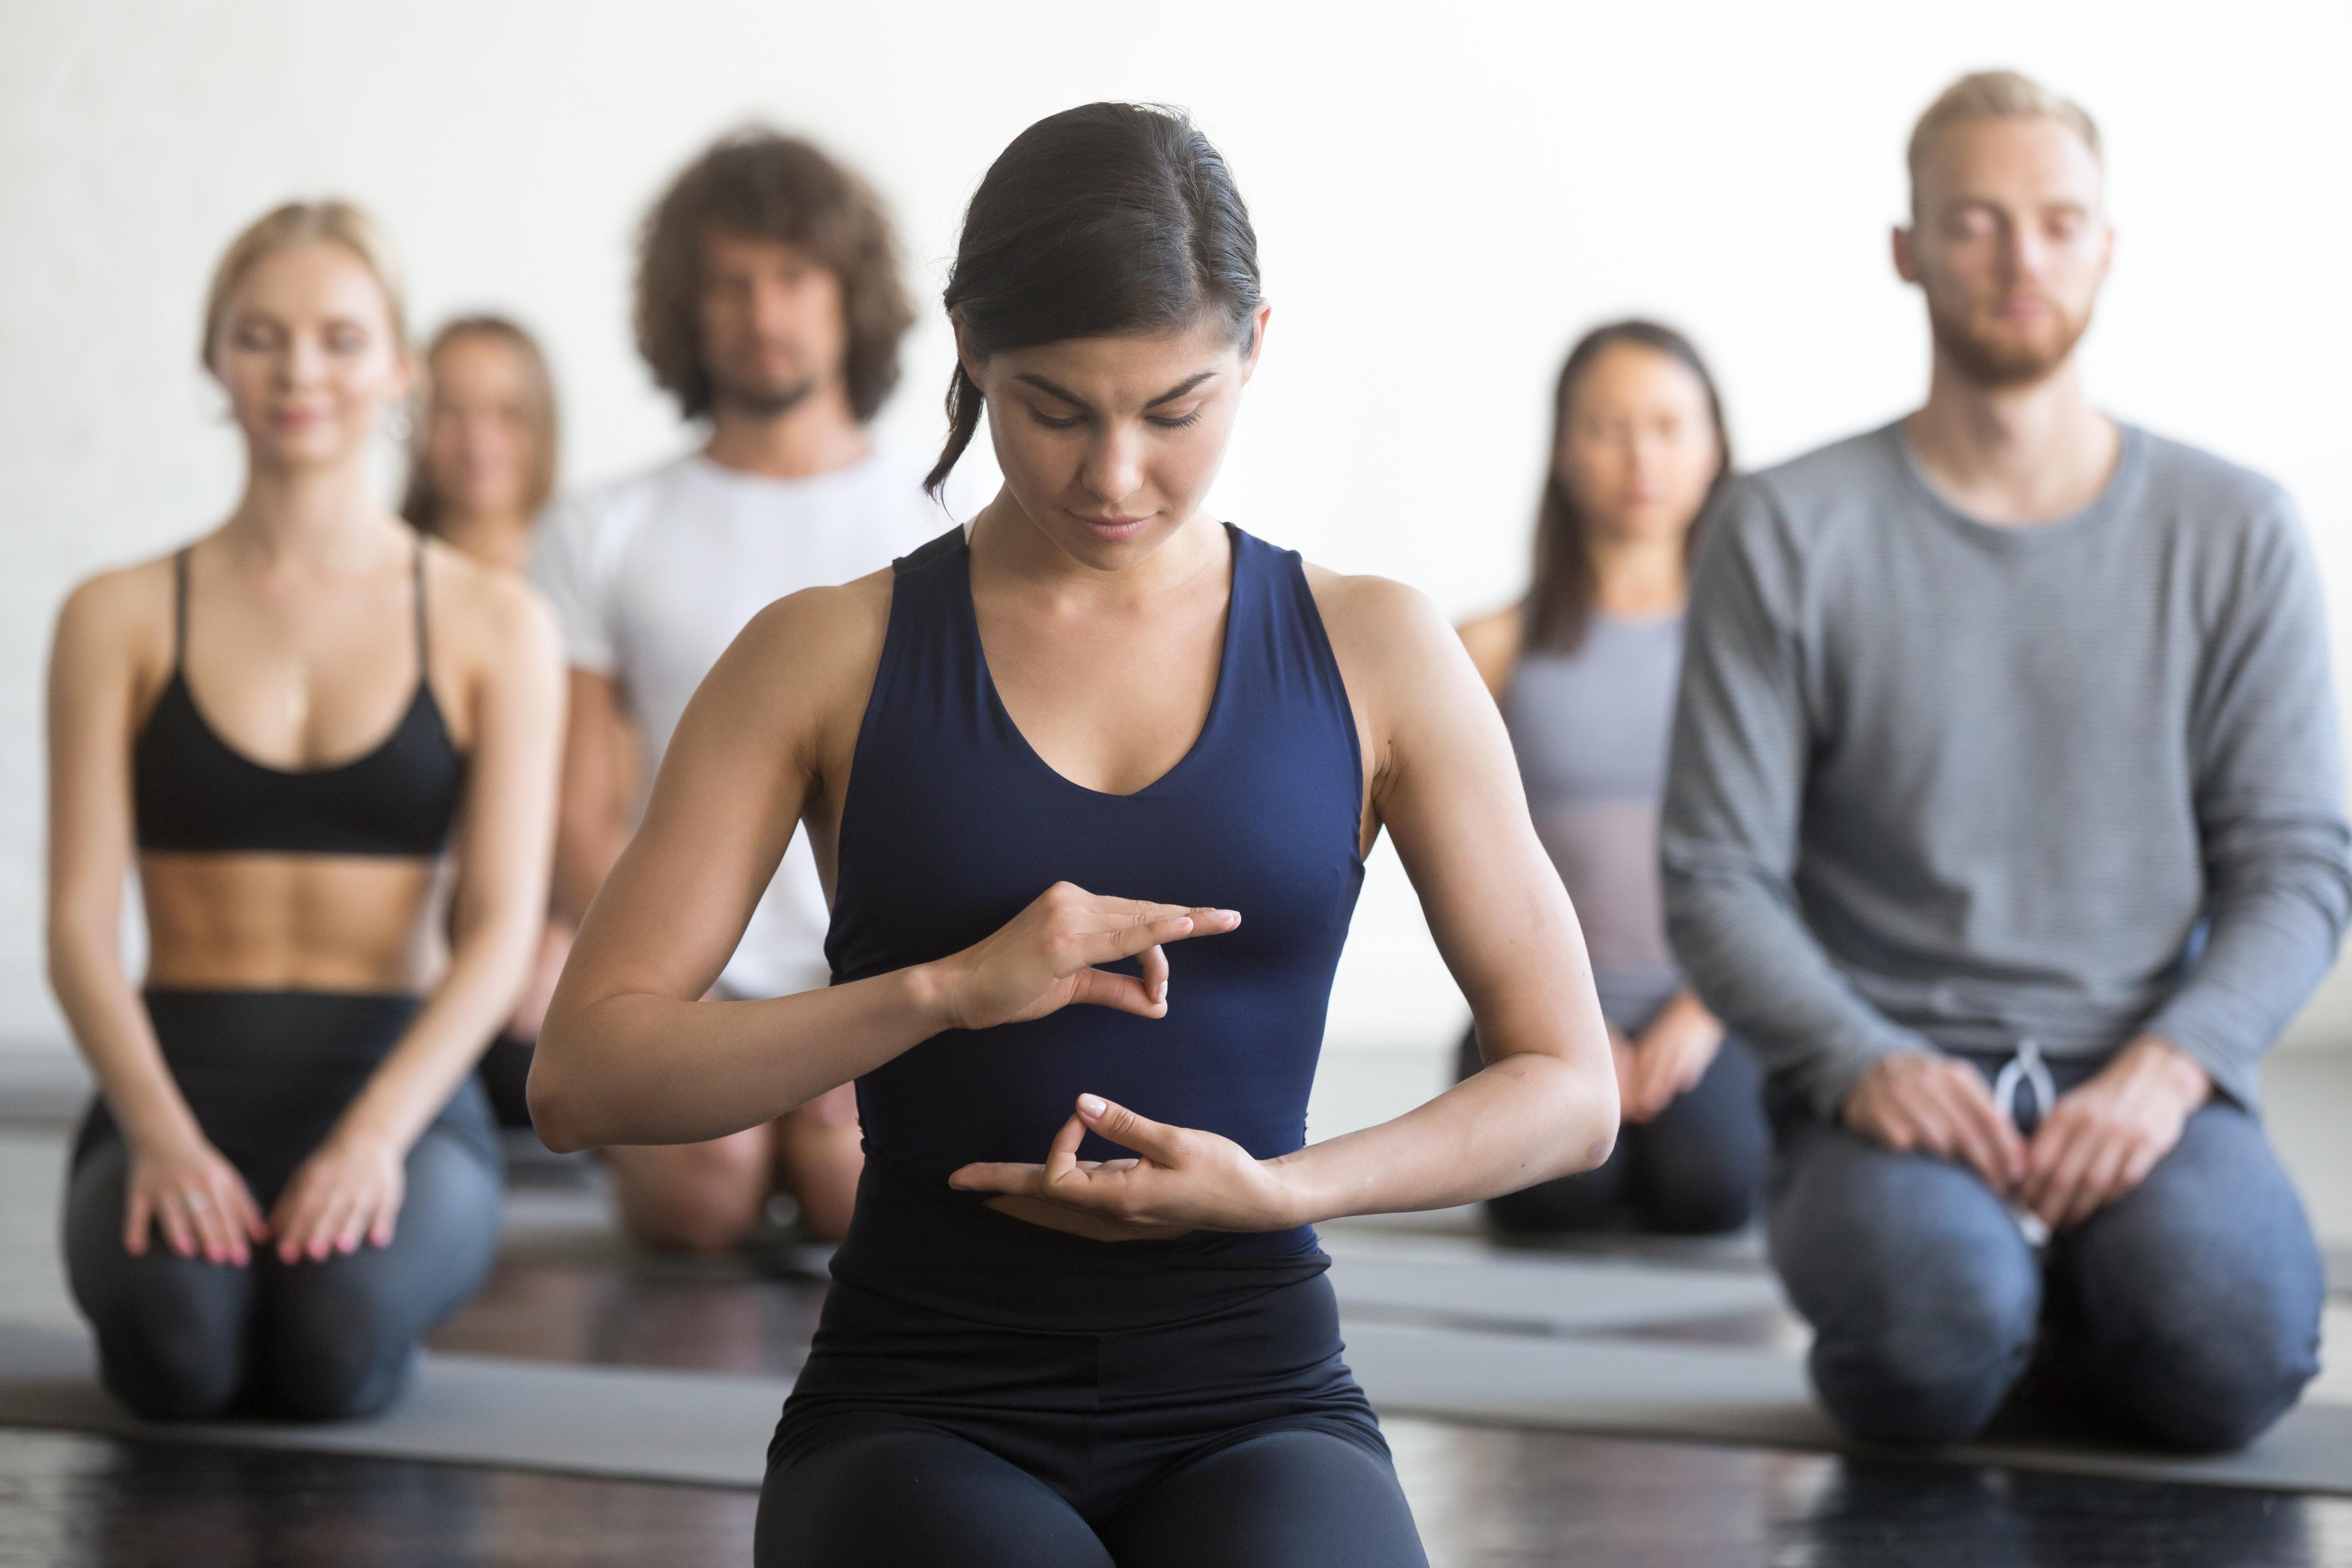 Betriebliche Gesundheitsförderung mit Burnout-Prävention modern gestalten